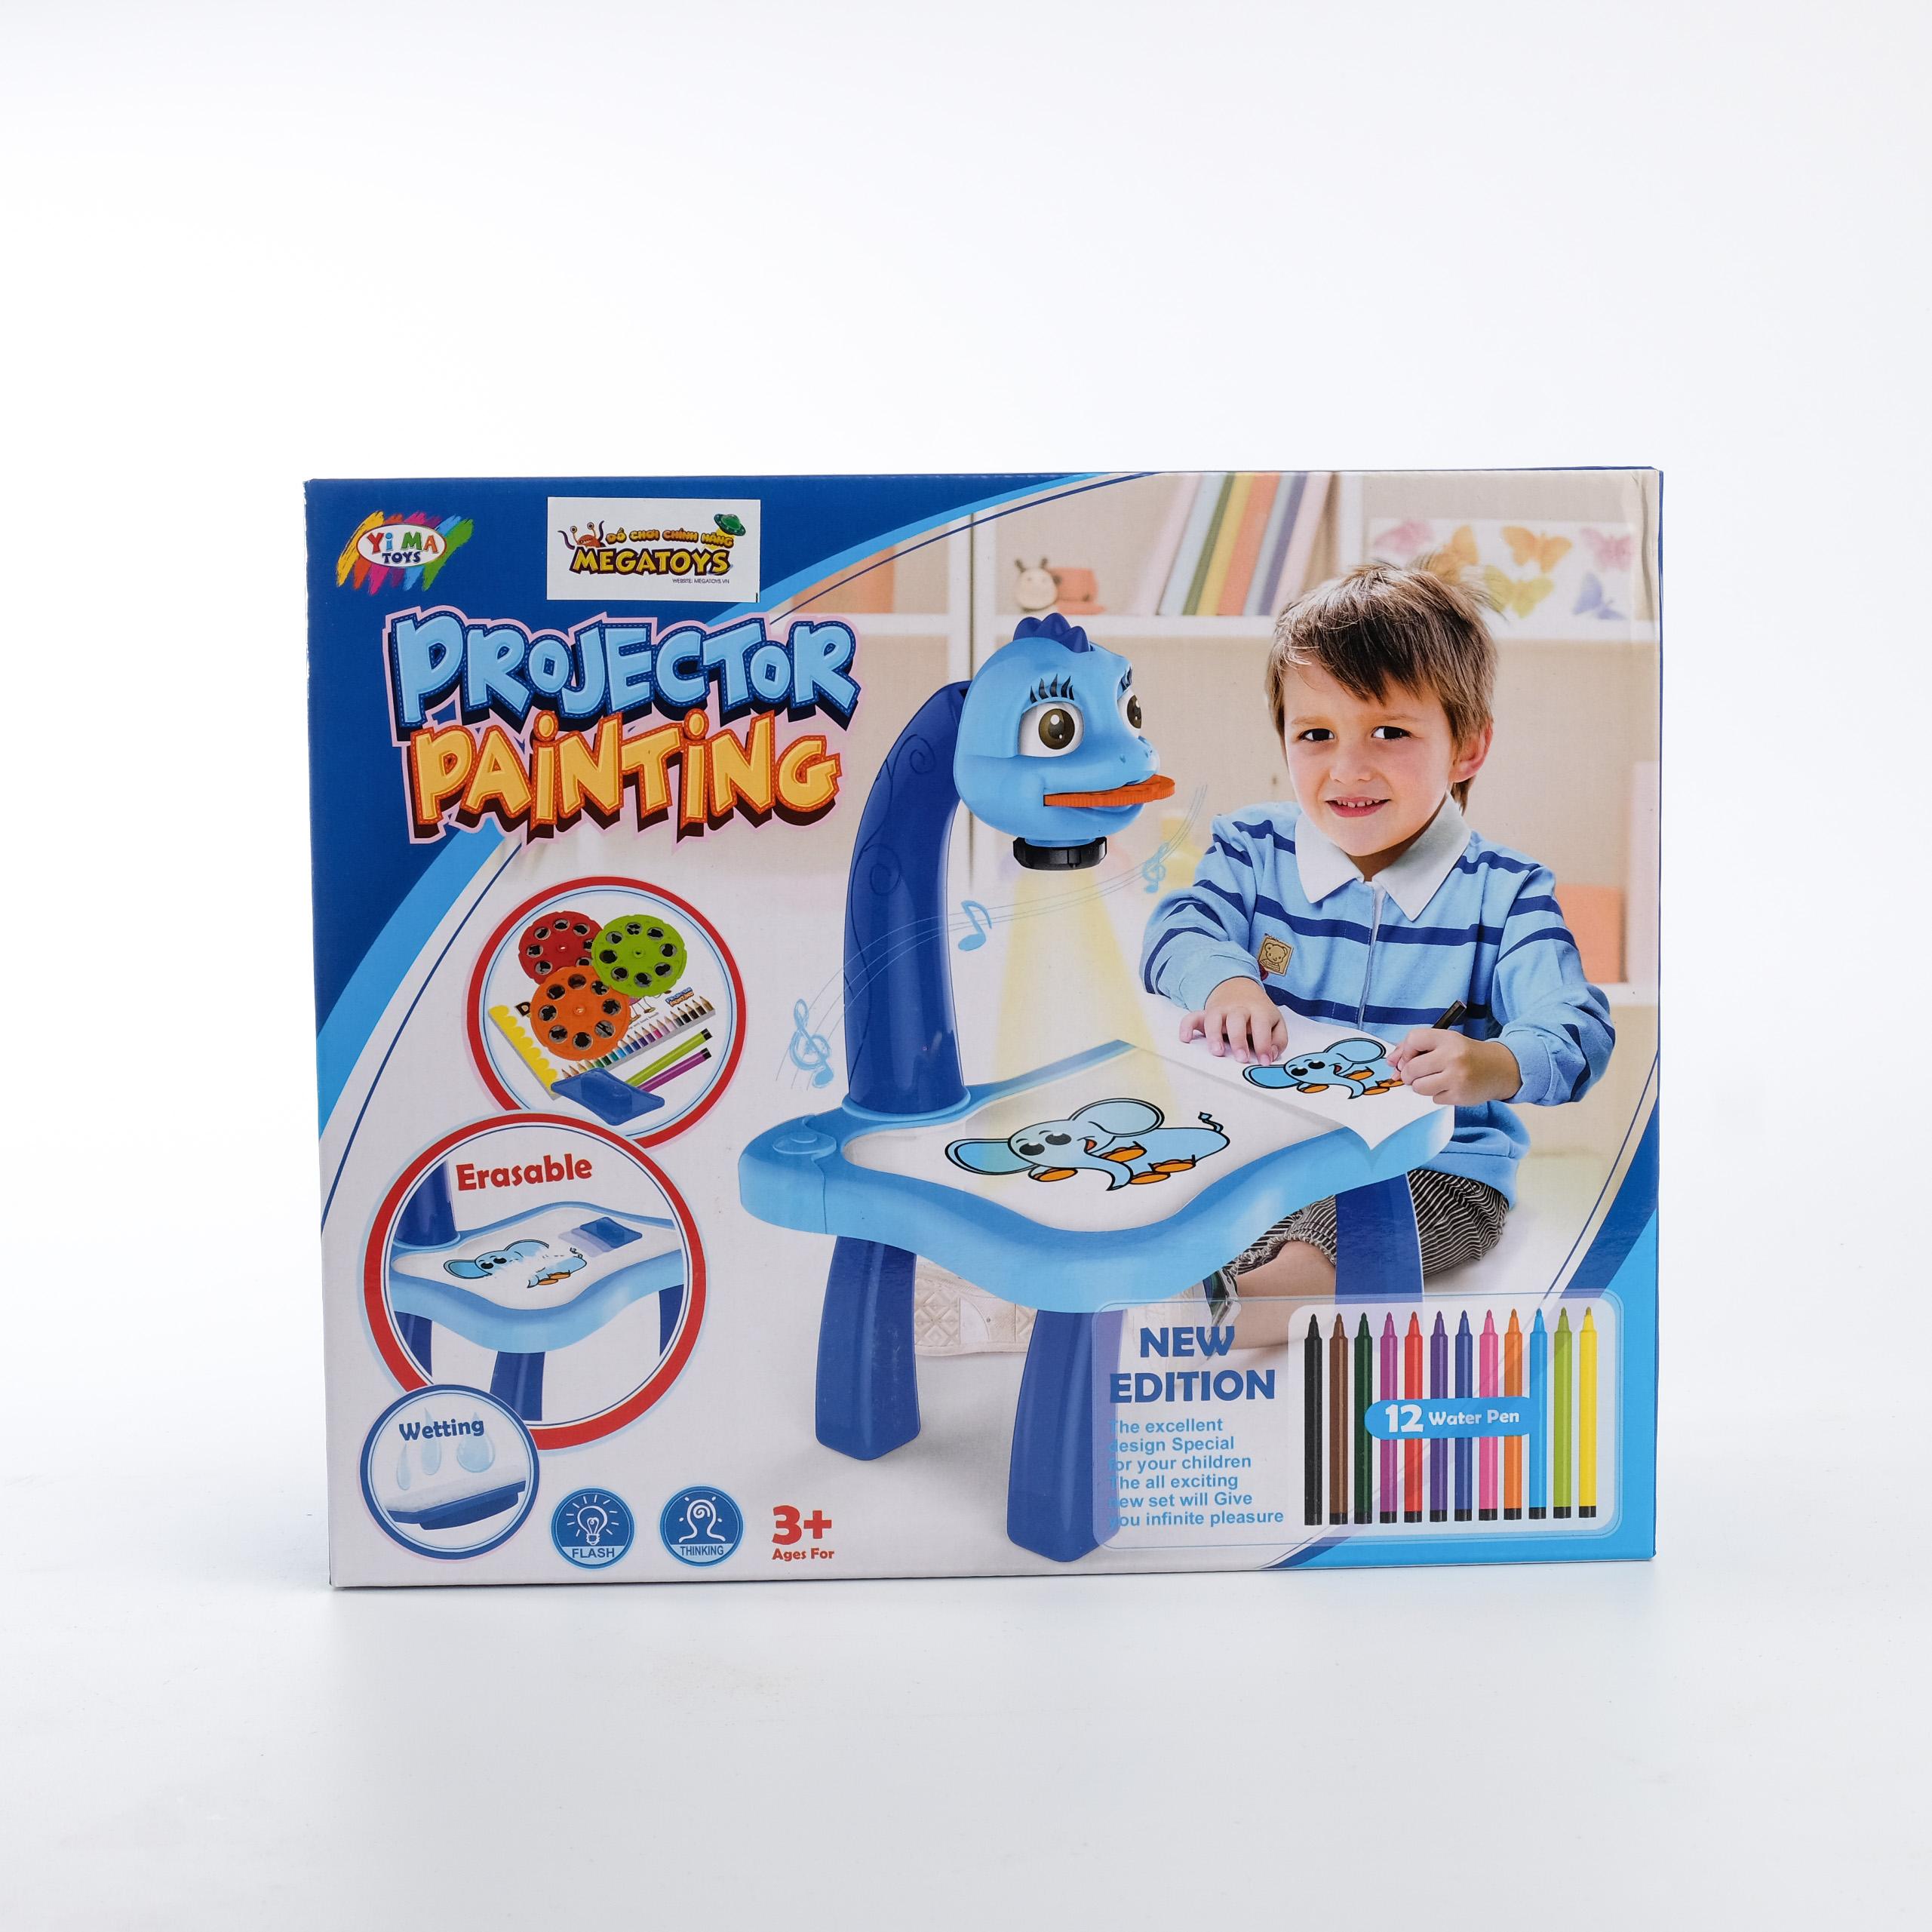 Đồ chơi giáo dục- Bàn tập vẽ , tô màu theo hình chiếu ( bé trai ) -BTVBT-YM6886